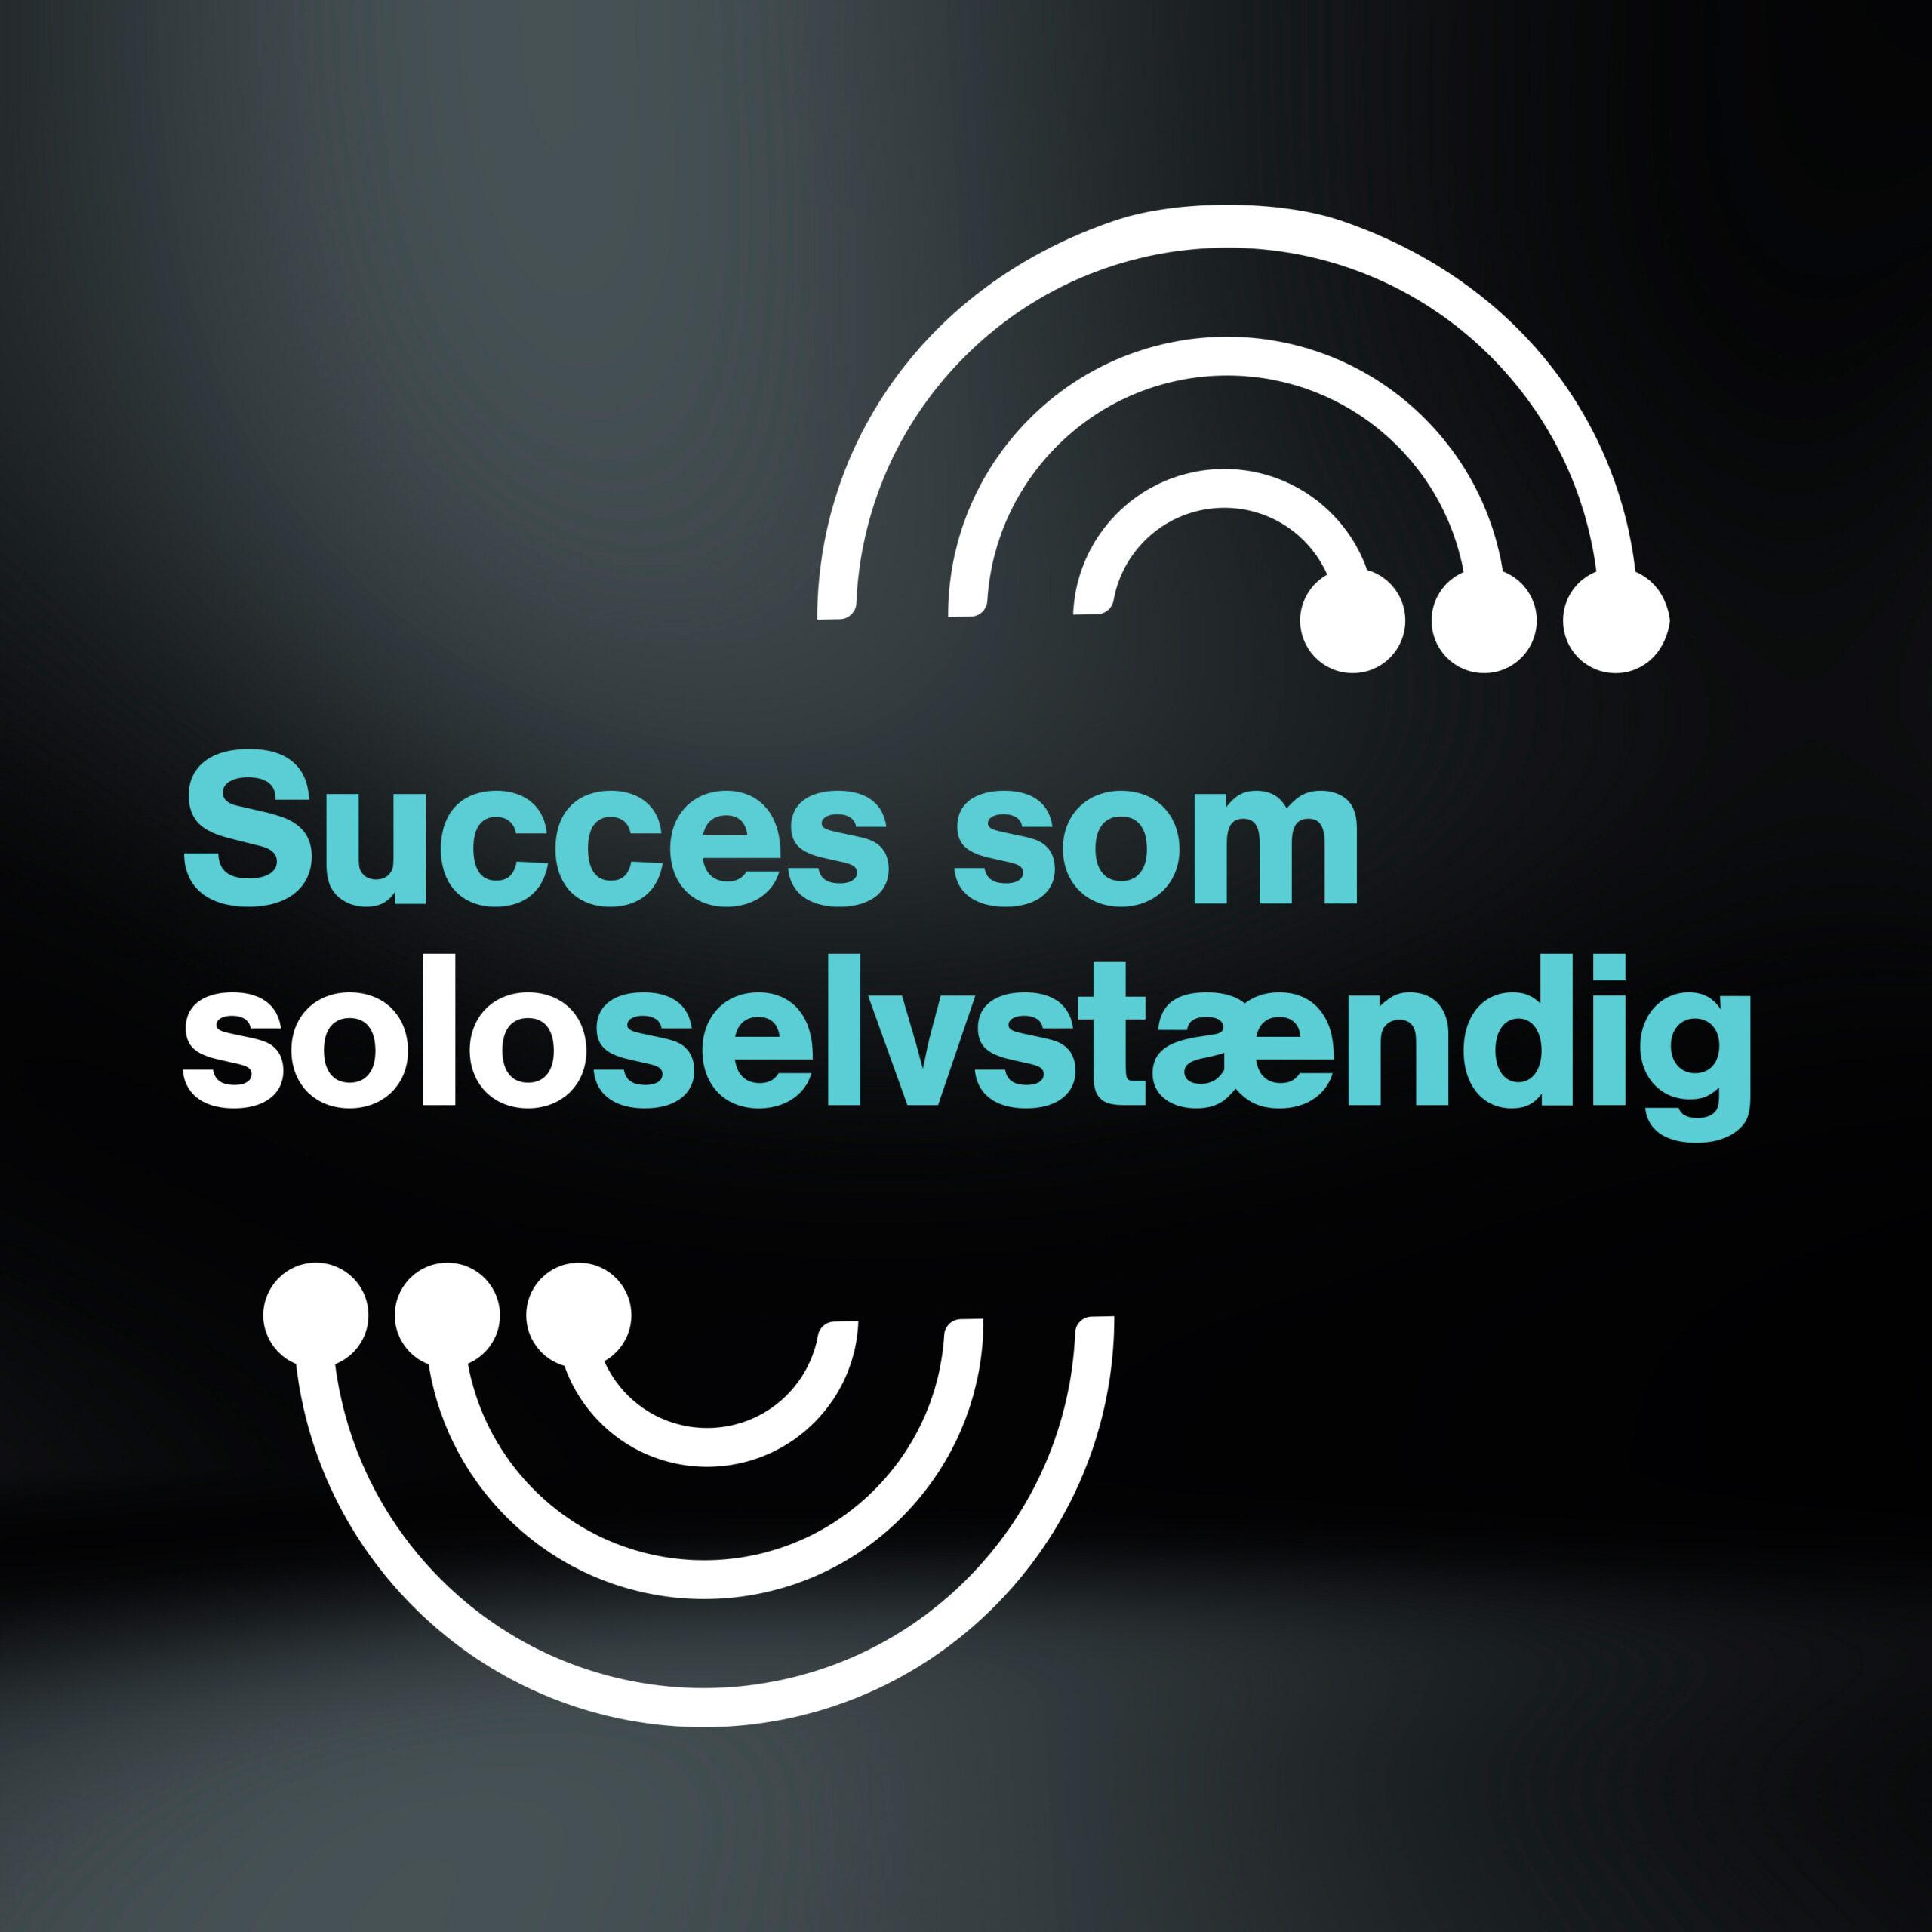 succes-som-soloselvstaendig-podcast-2